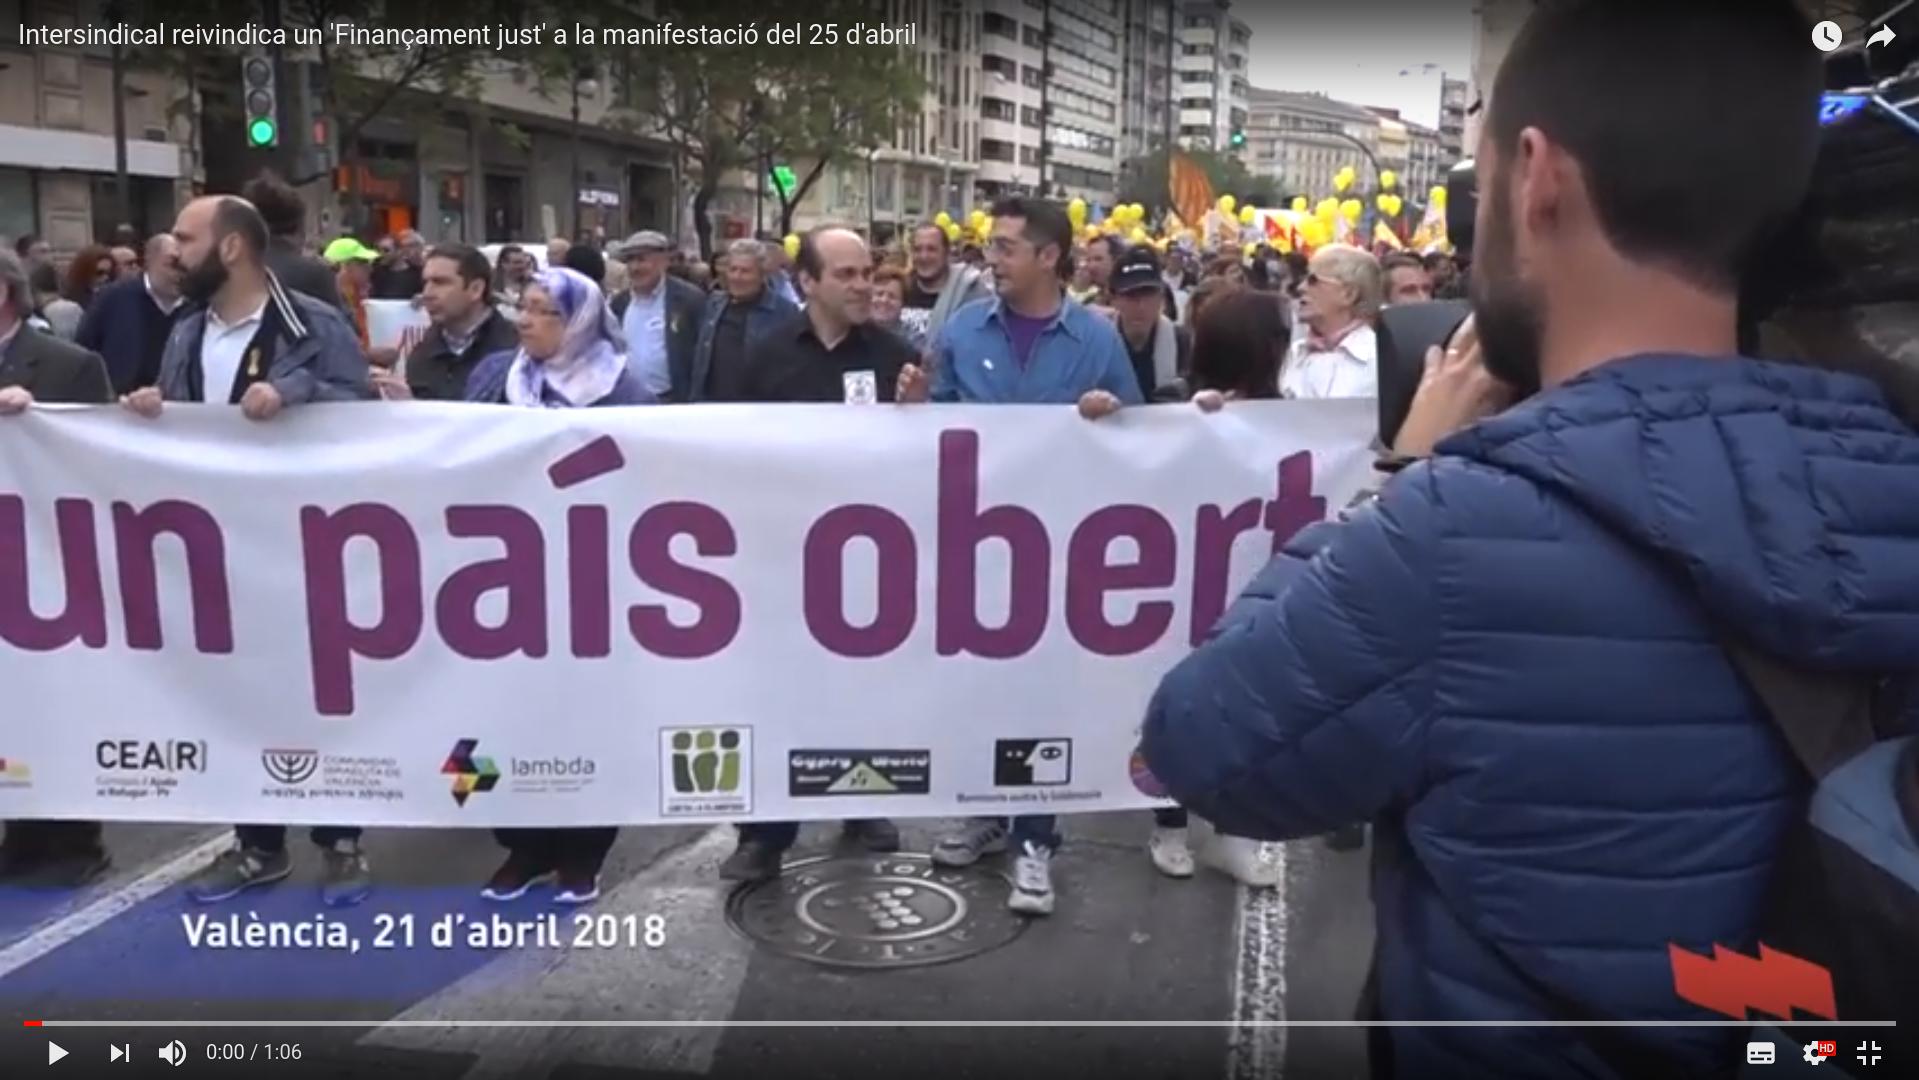 Intersindical reivindica un 'Finançament just' a la manifestació del 25 d'abril